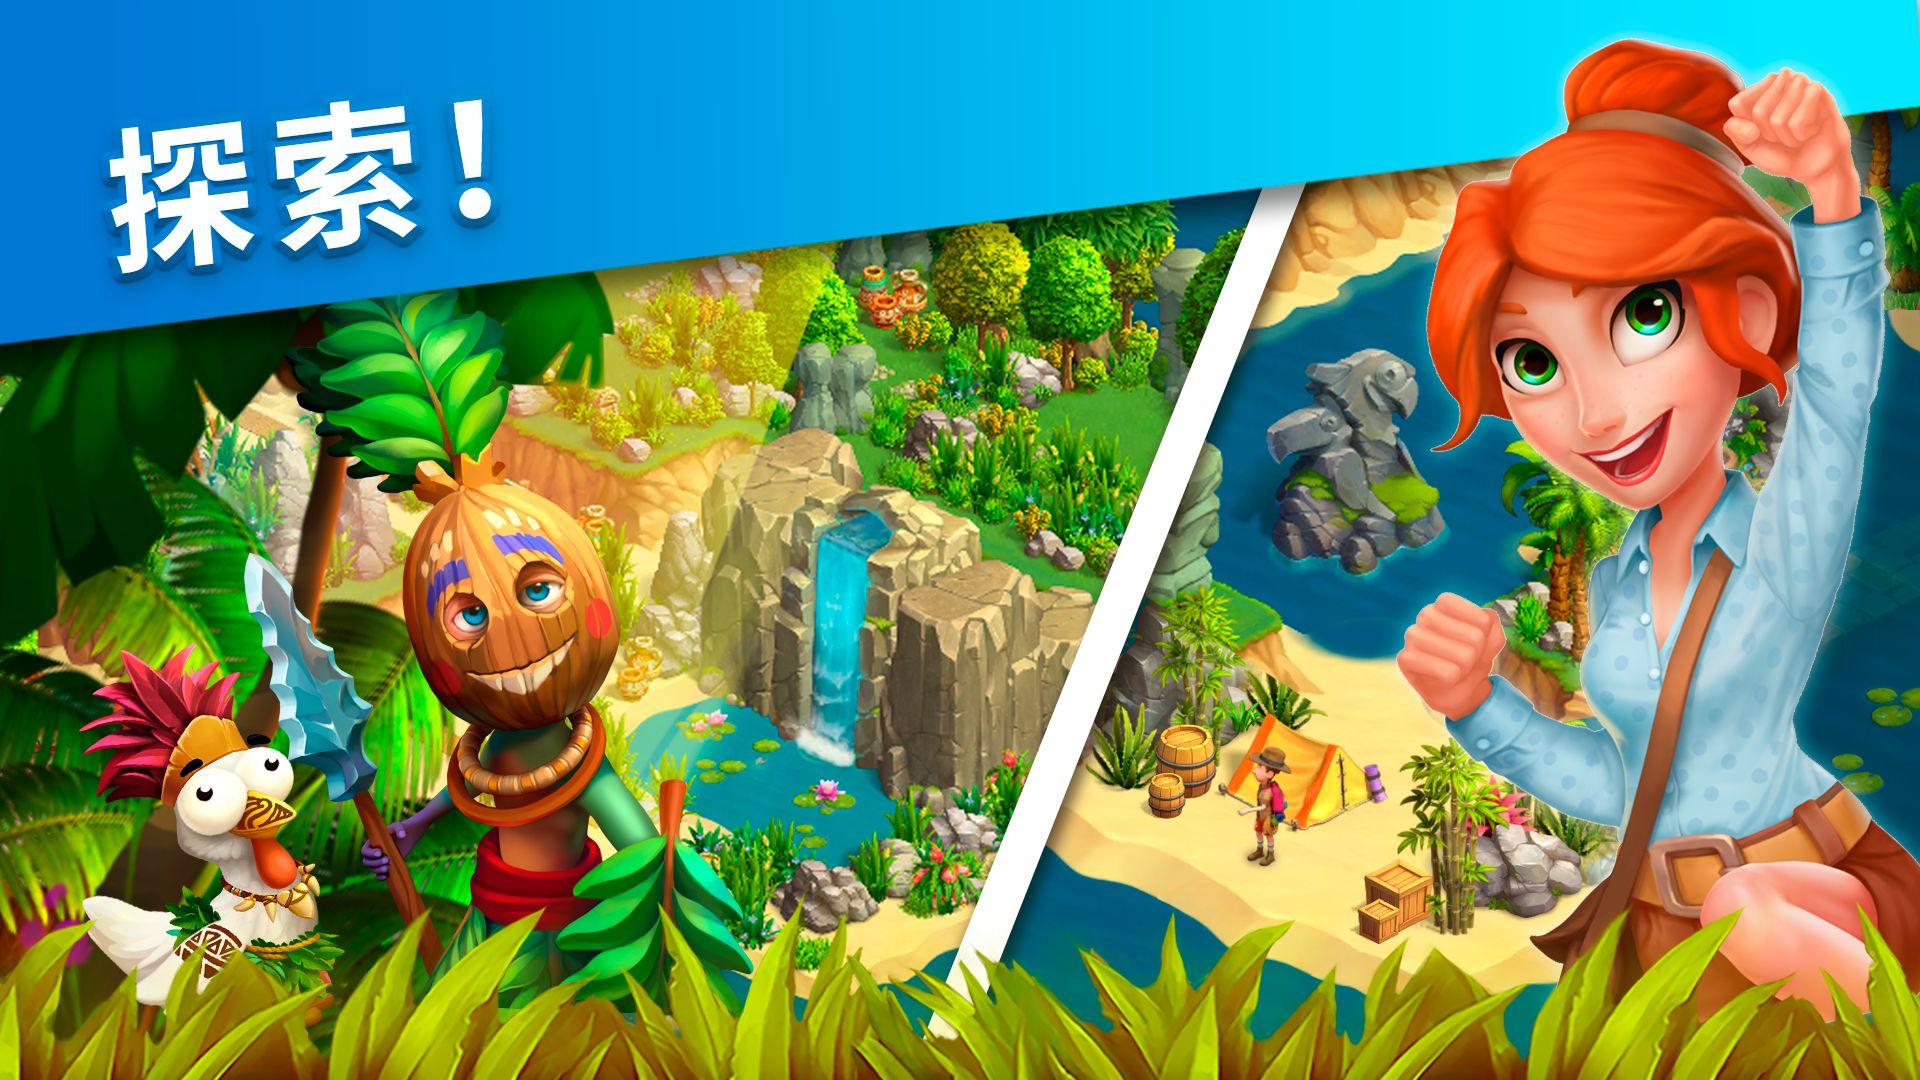 欢乐海湾:农场与奇遇 (Funky Bay) 游戏截图5